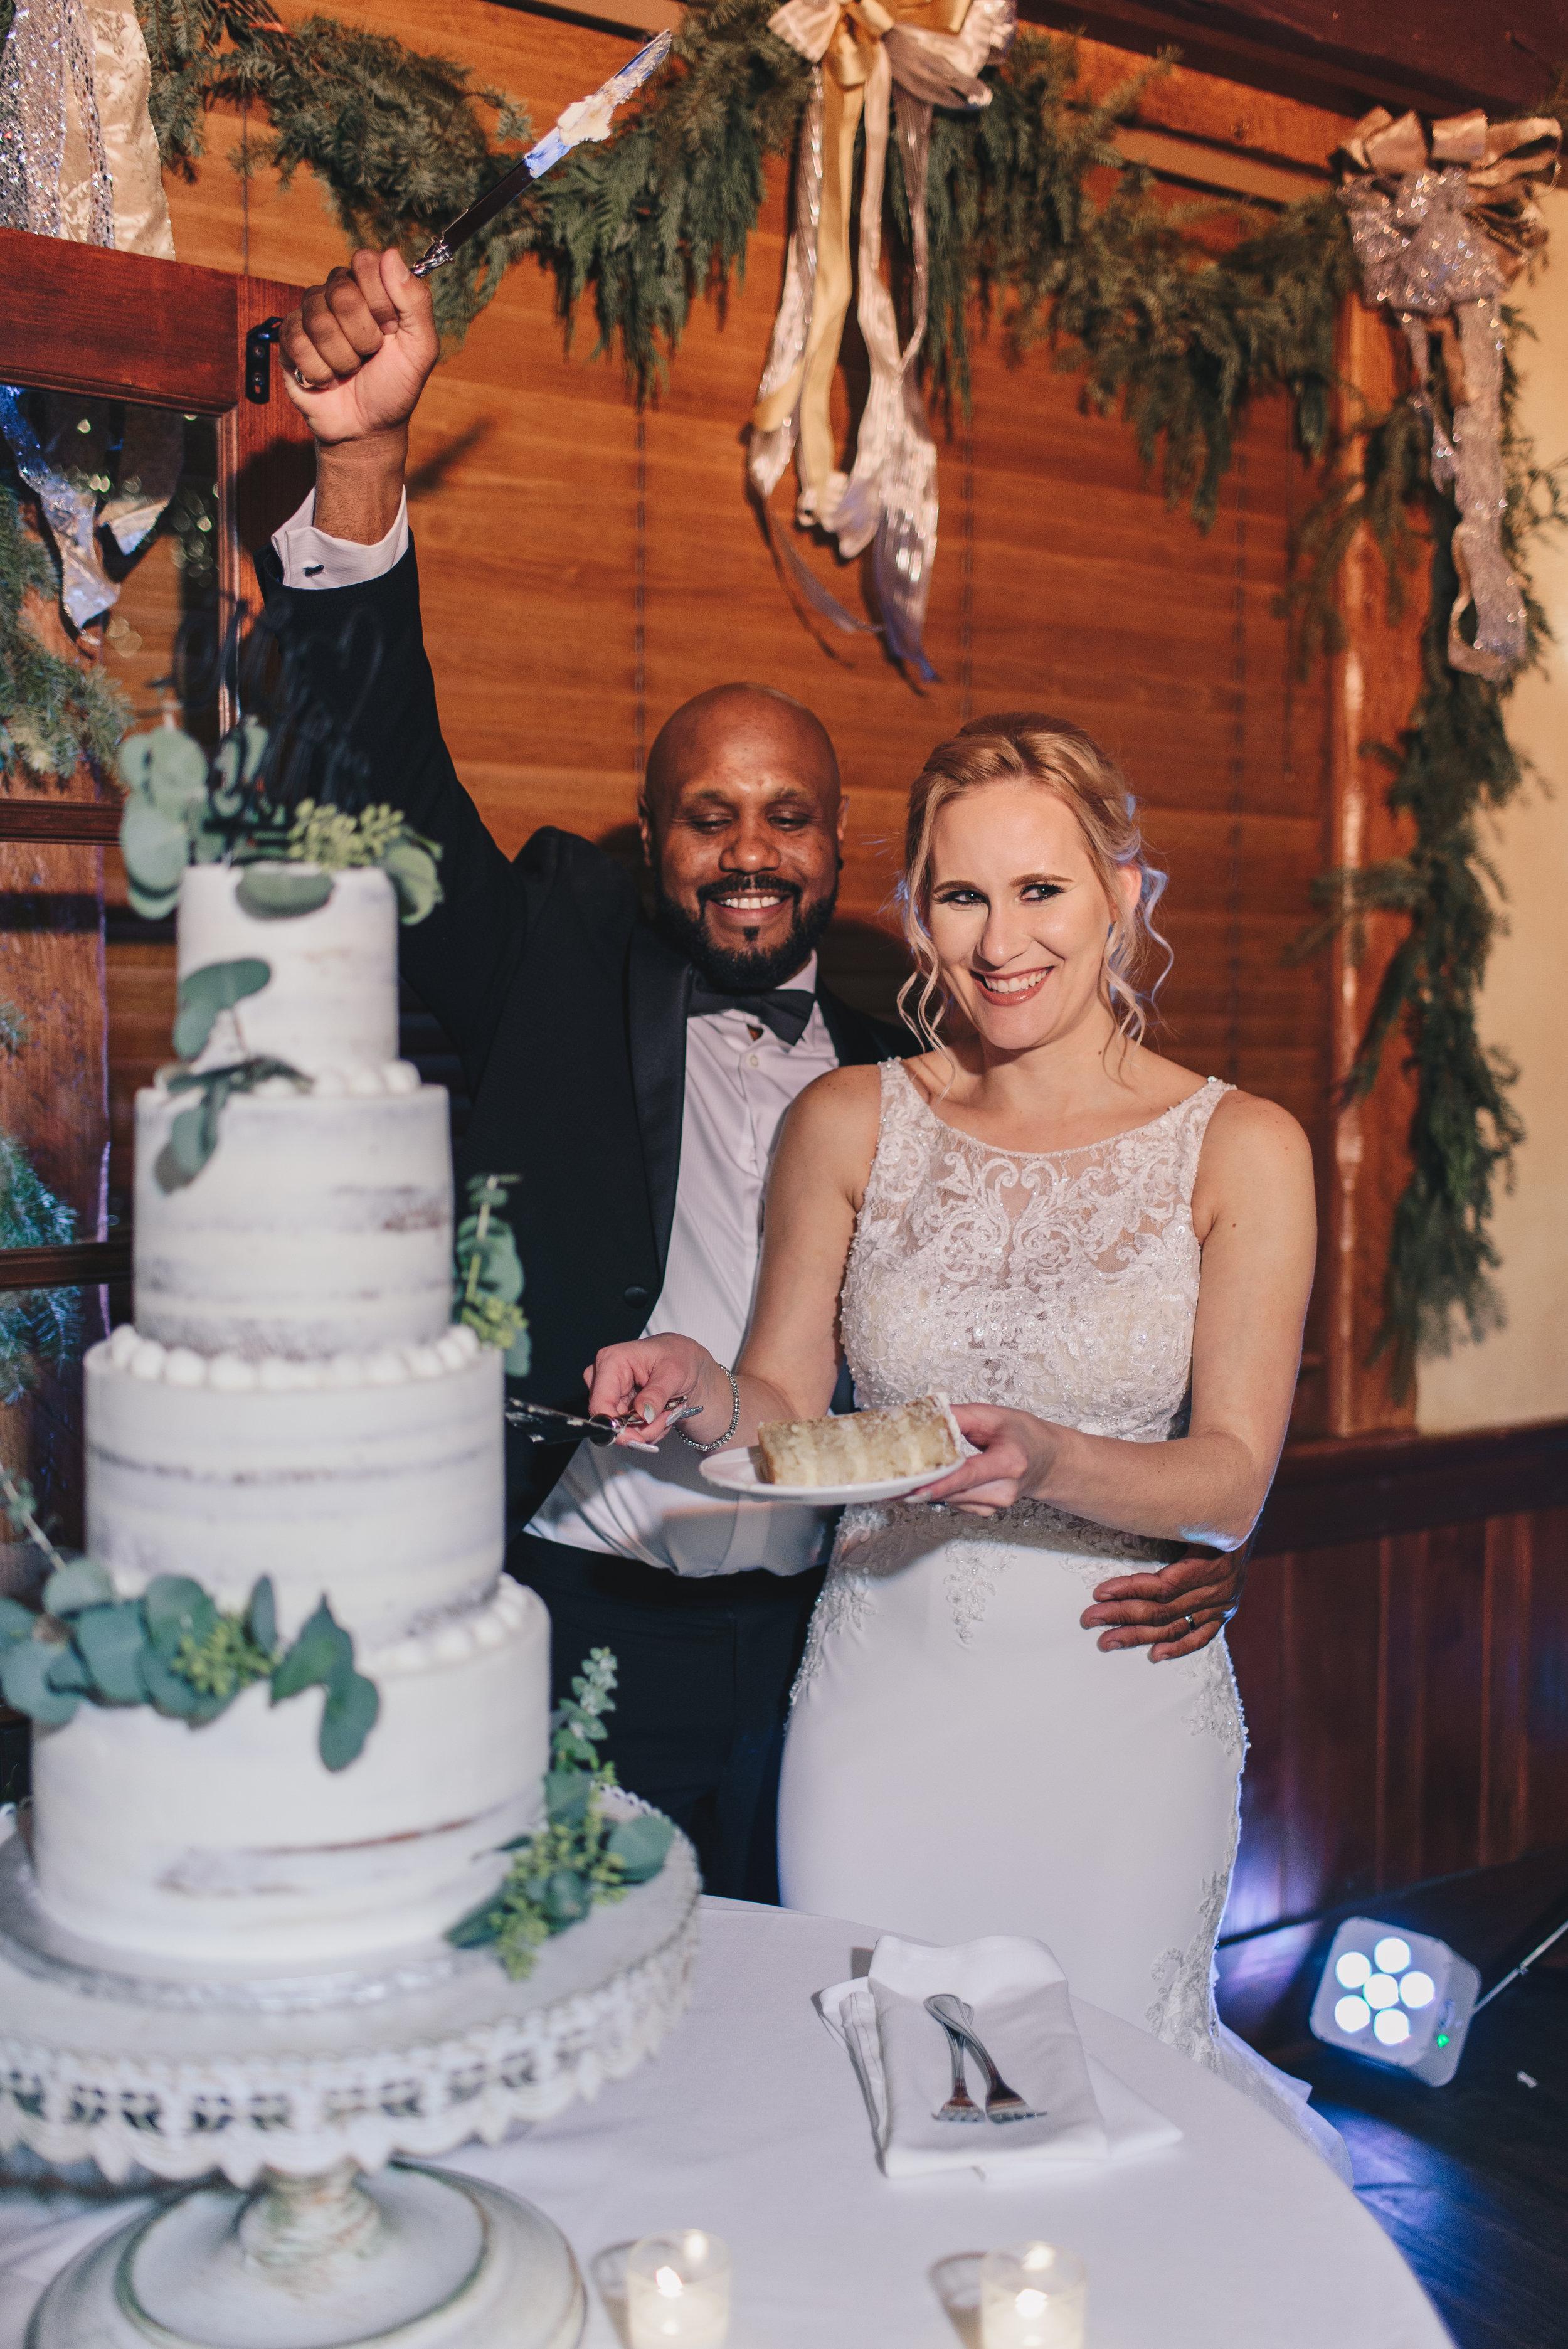 Los-Vargas-Photo-Wedding-Historic-Dubsdread-Ballroom-9210.jpg